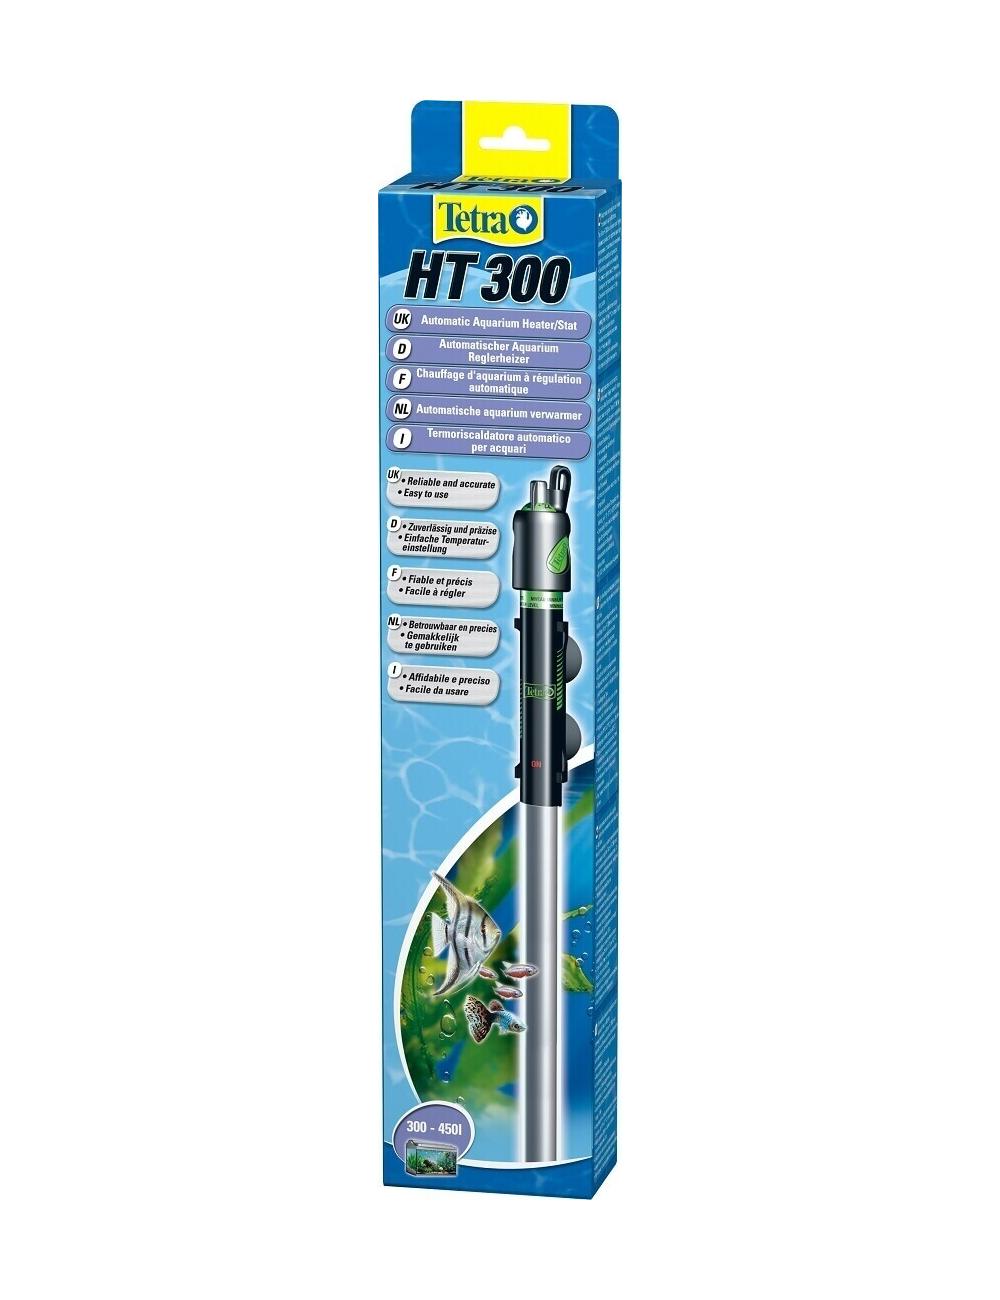 TETRA - HT 300 - Chauffage pour aquarium jusqu'à 450 litres.